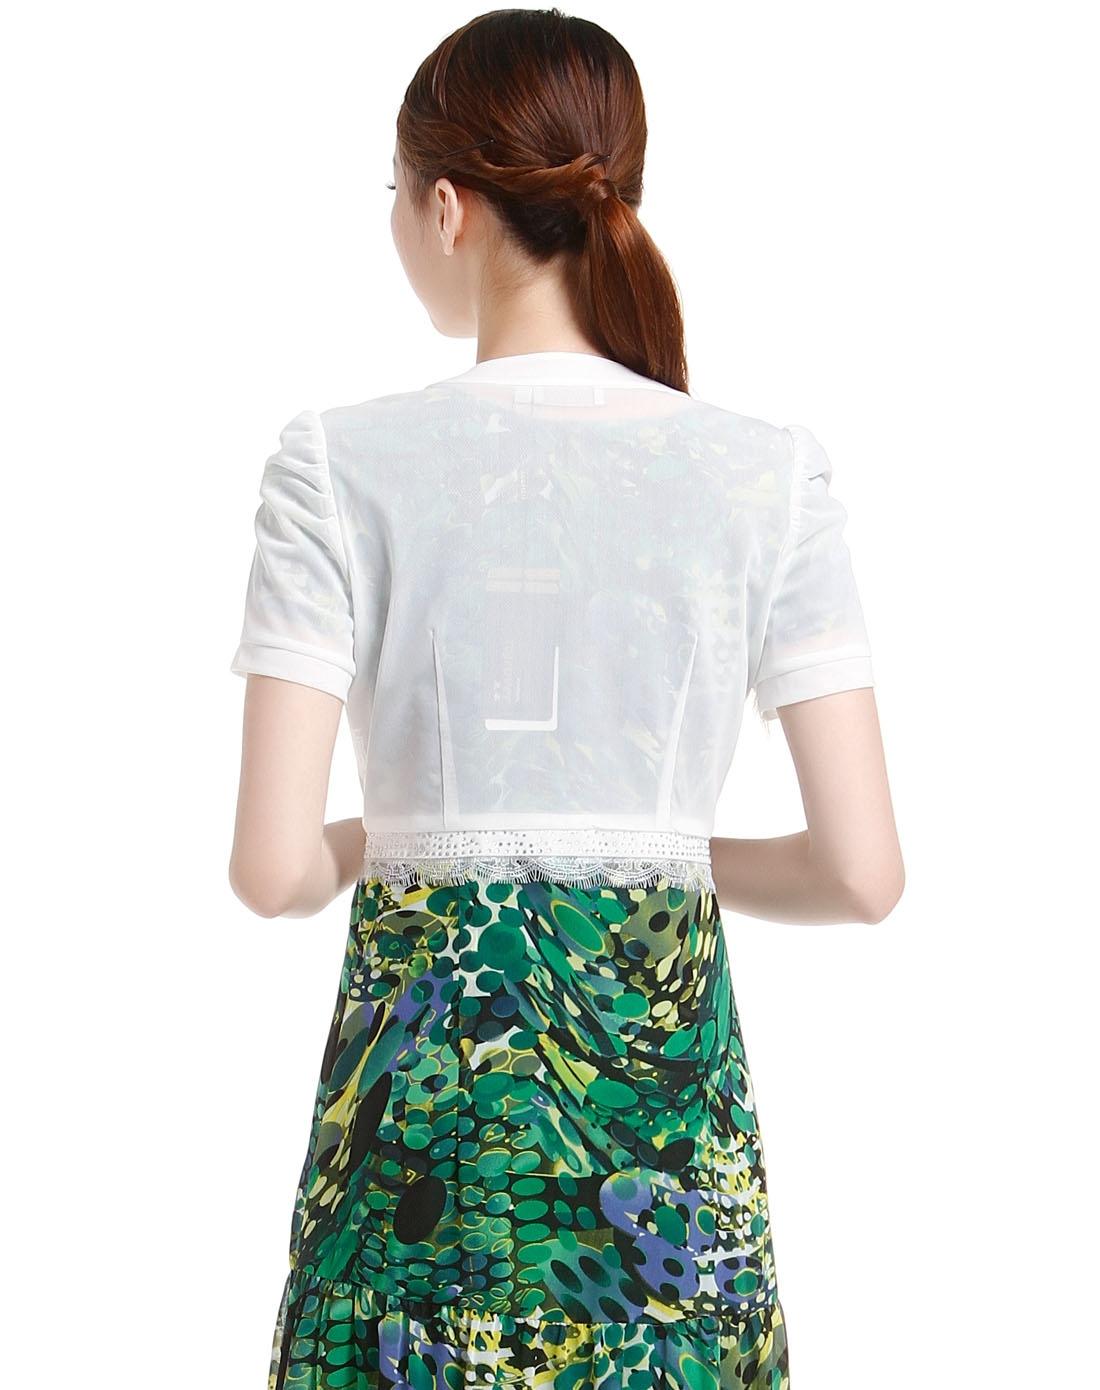 时尚白色短袖开衫